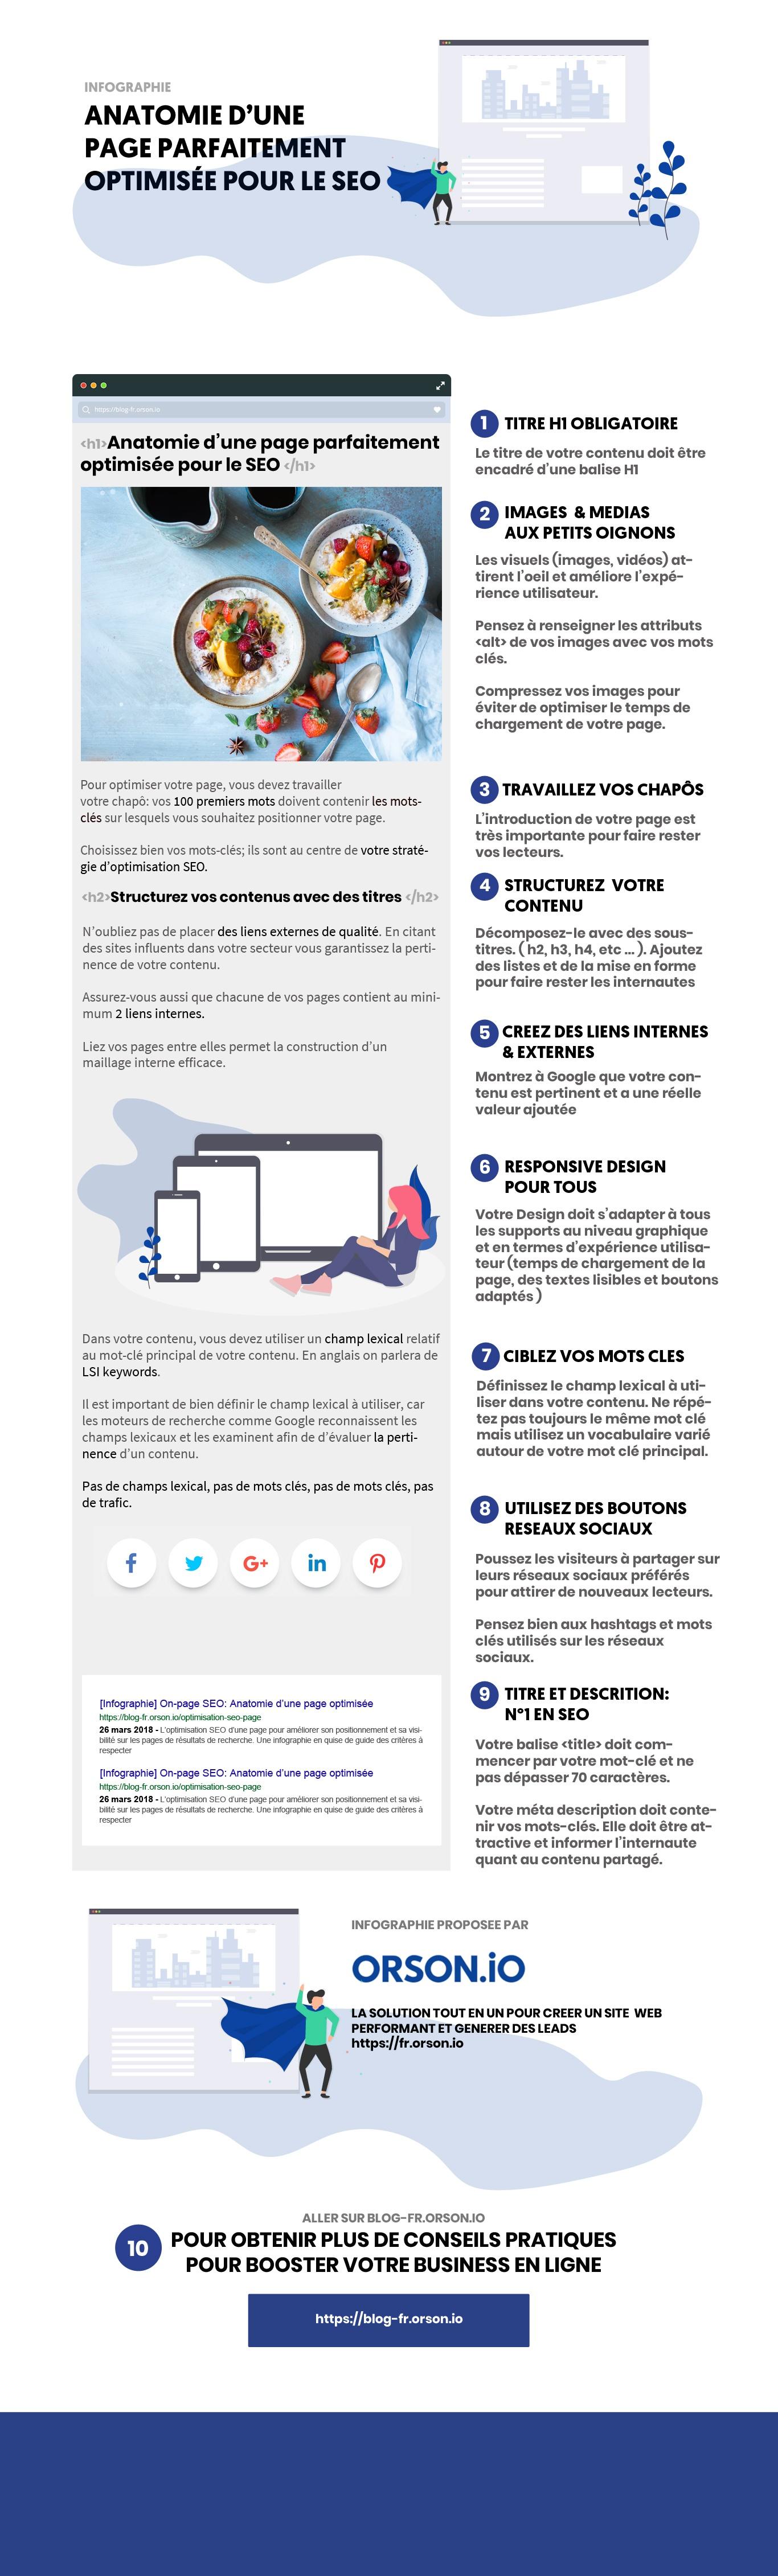 infographie optimiser son seo par orson.io